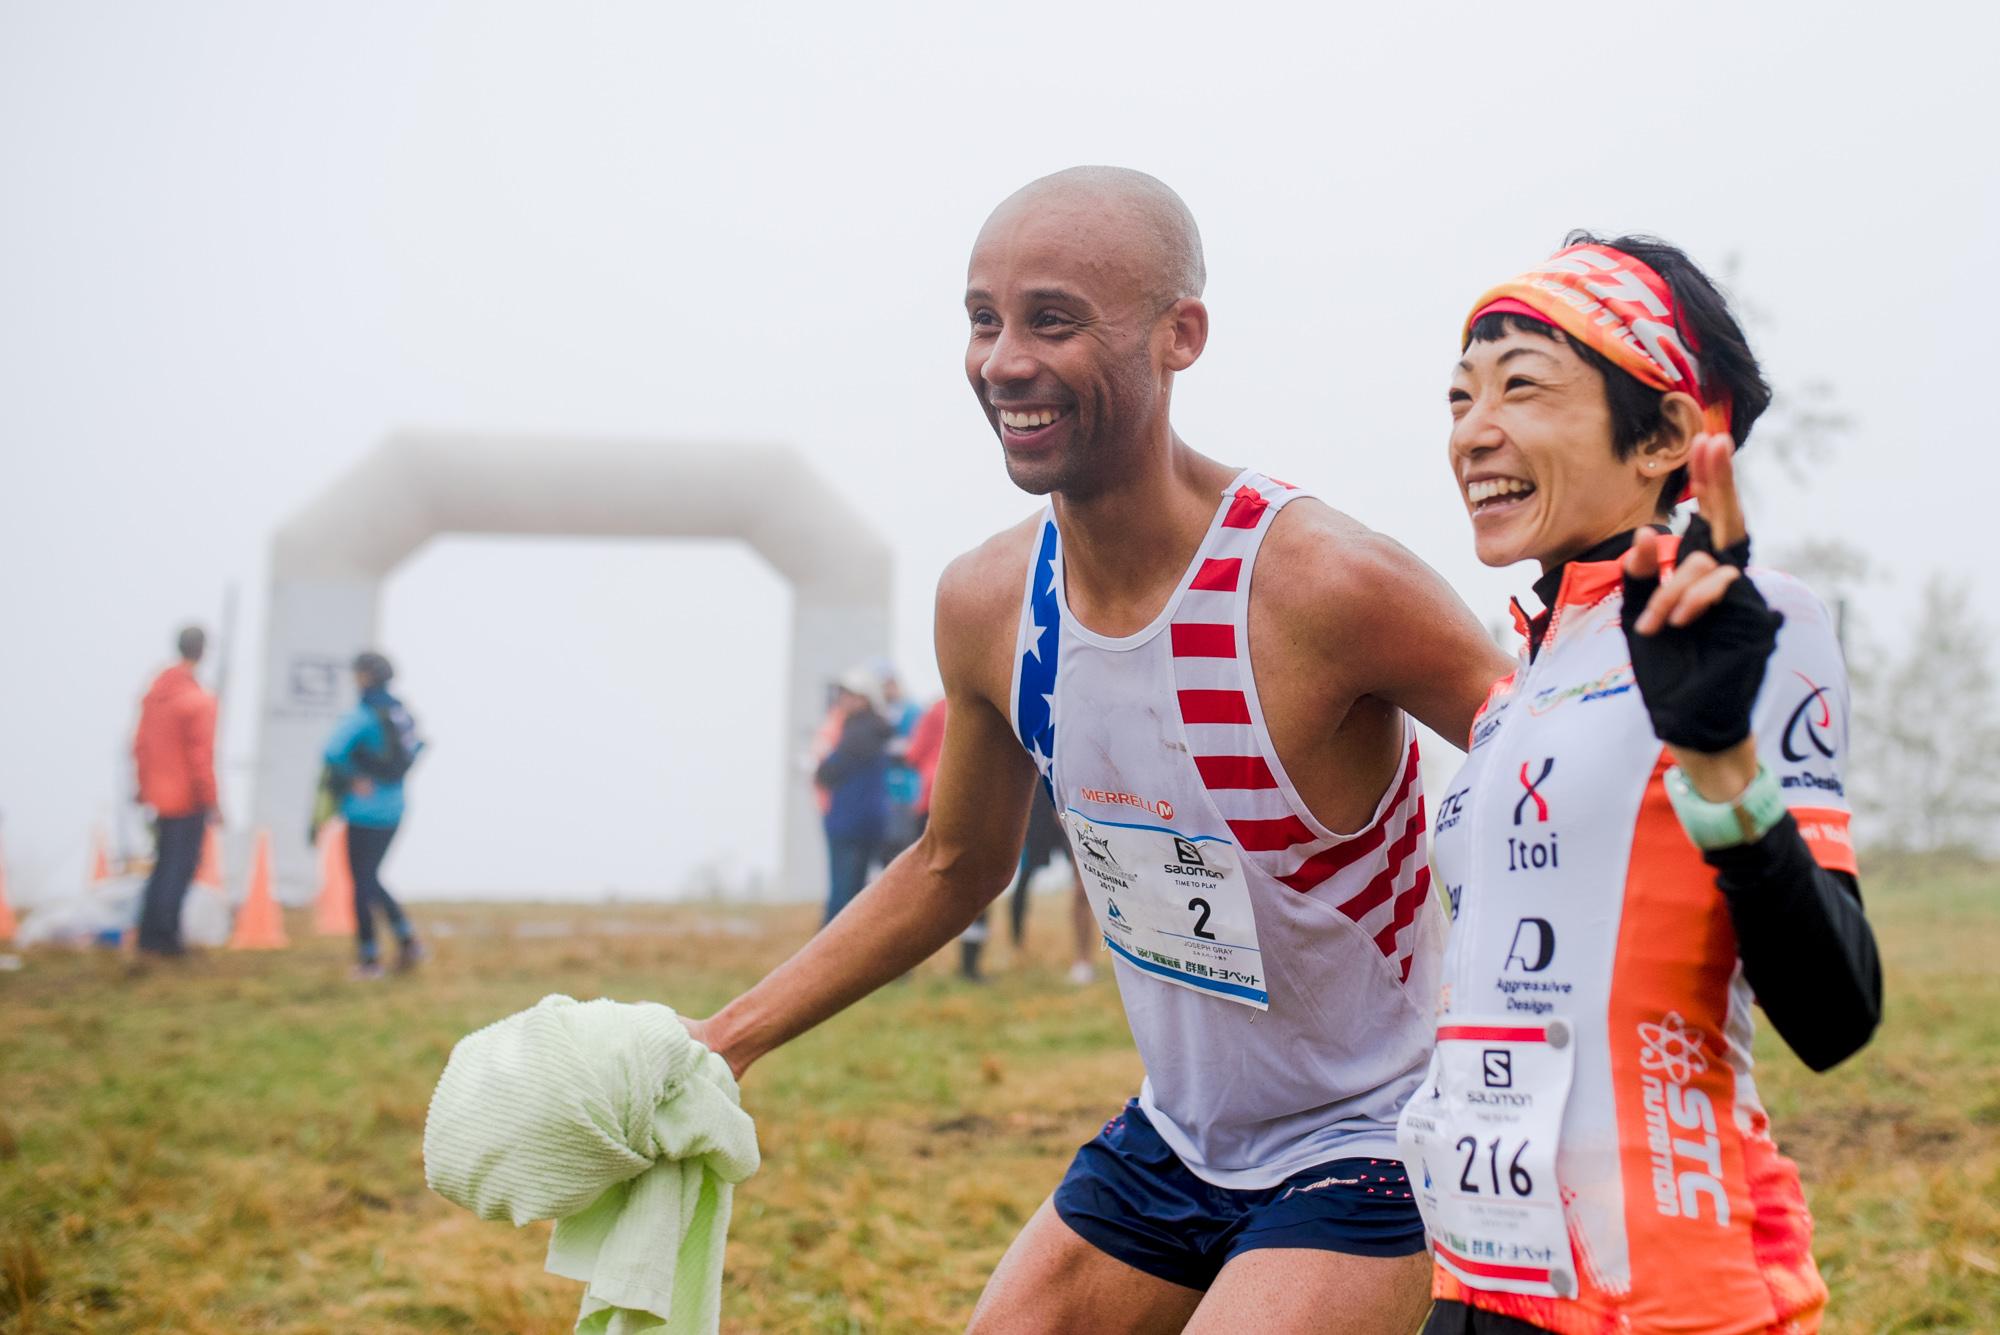 優勝したグレイと吉住、ゴール地点で笑顔のツーショット ?Oze Iwakura VK